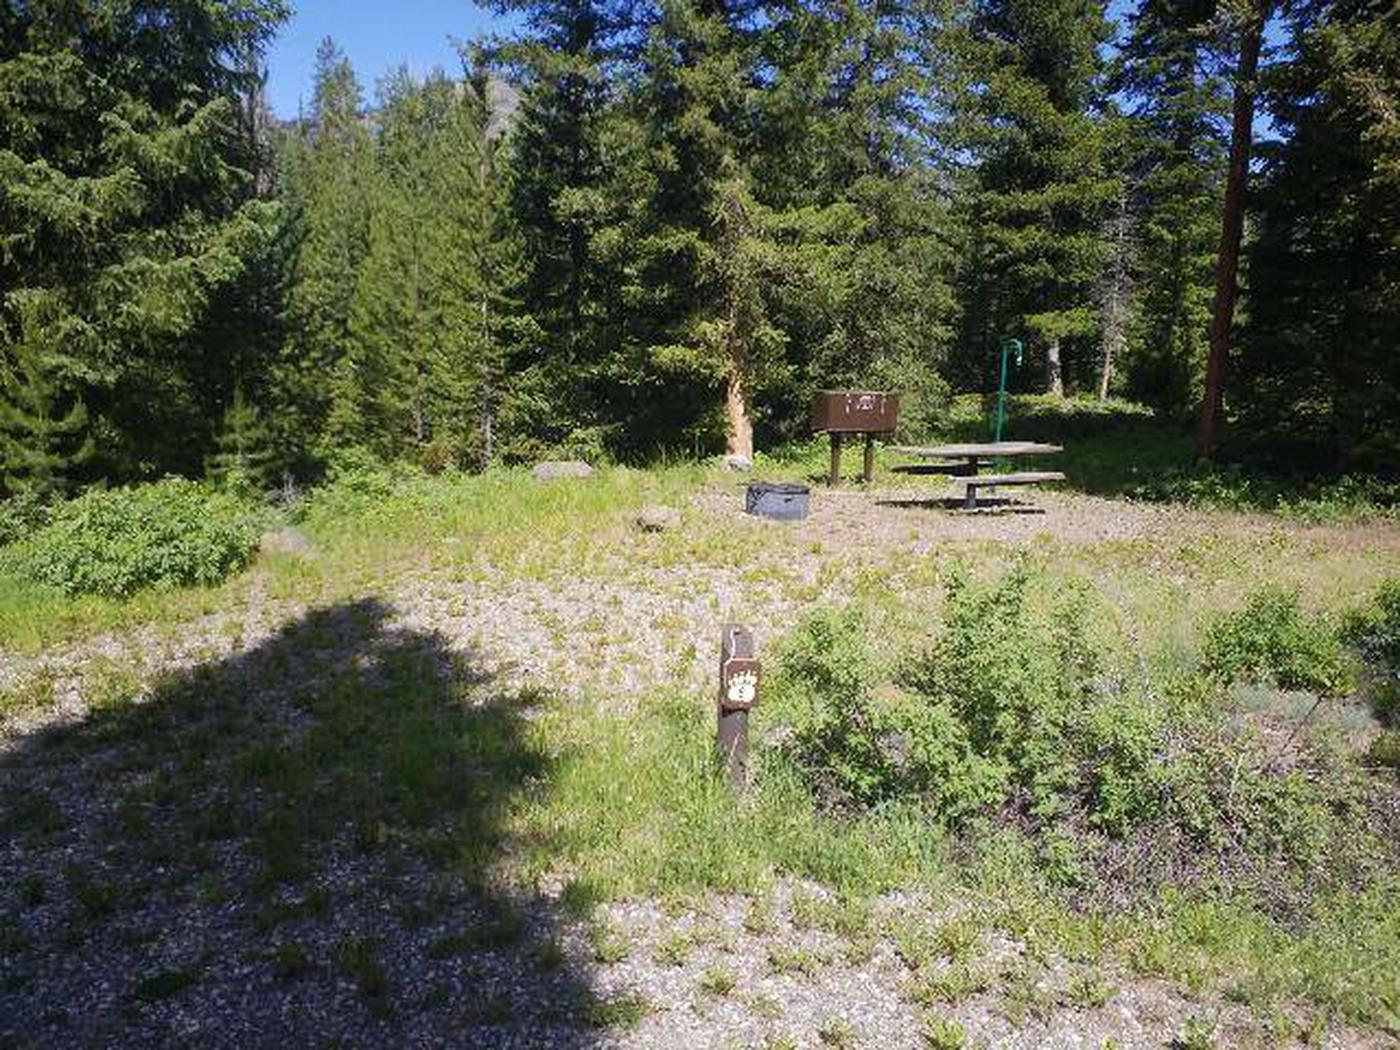 Threemile Campground Campsite 8 - Post